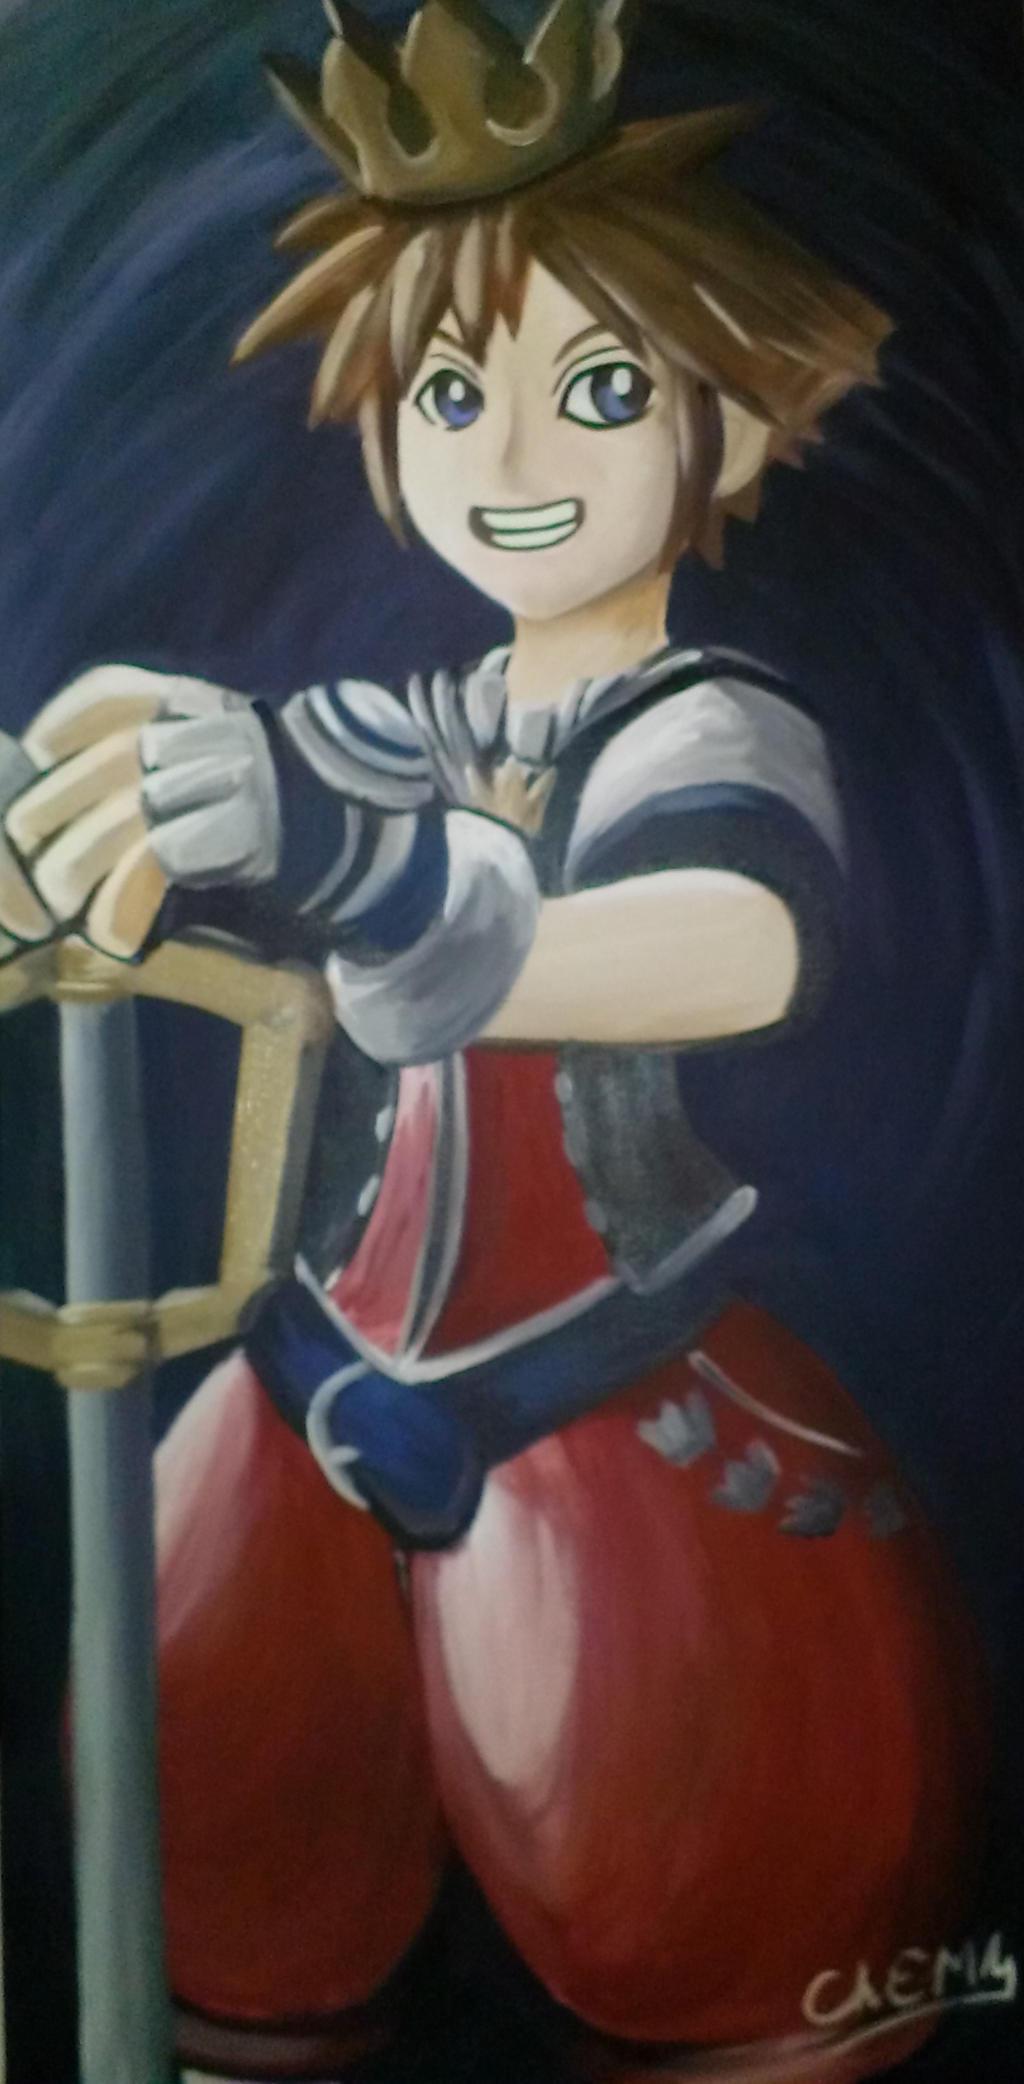 Sora Figurine Painting by DNLINK